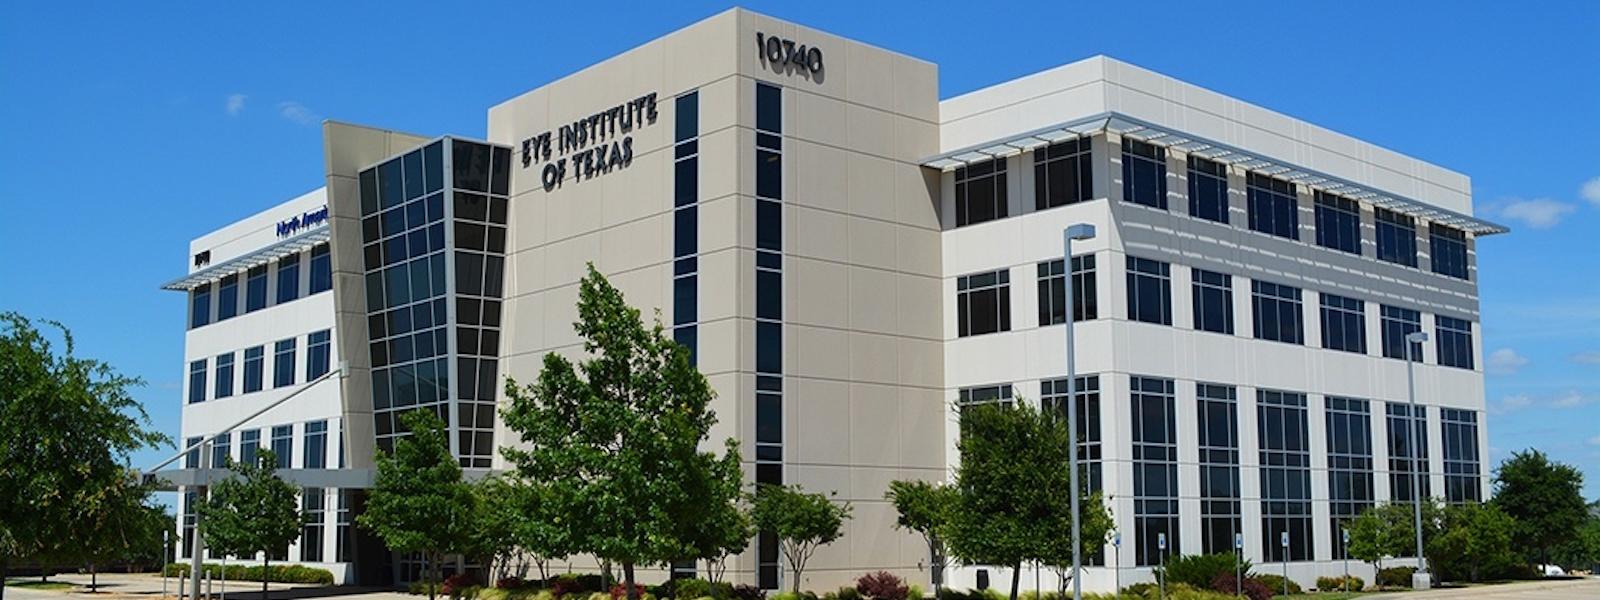 Eye-Institute-of-Texas-slider